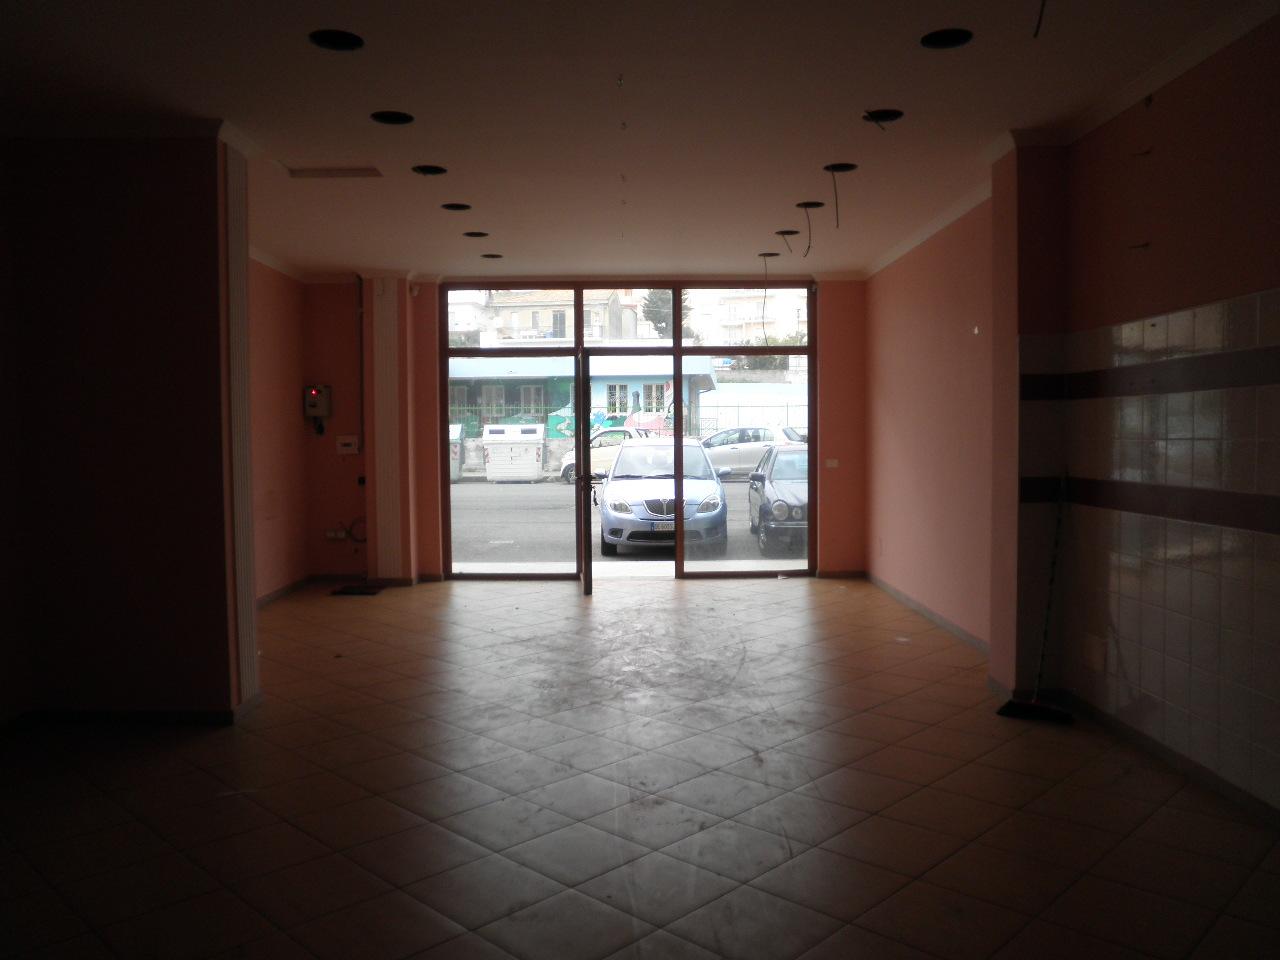 Negozio / Locale in vendita a Catanzaro, 2 locali, zona Località: CatanzaroLido, prezzo € 230.000 | CambioCasa.it